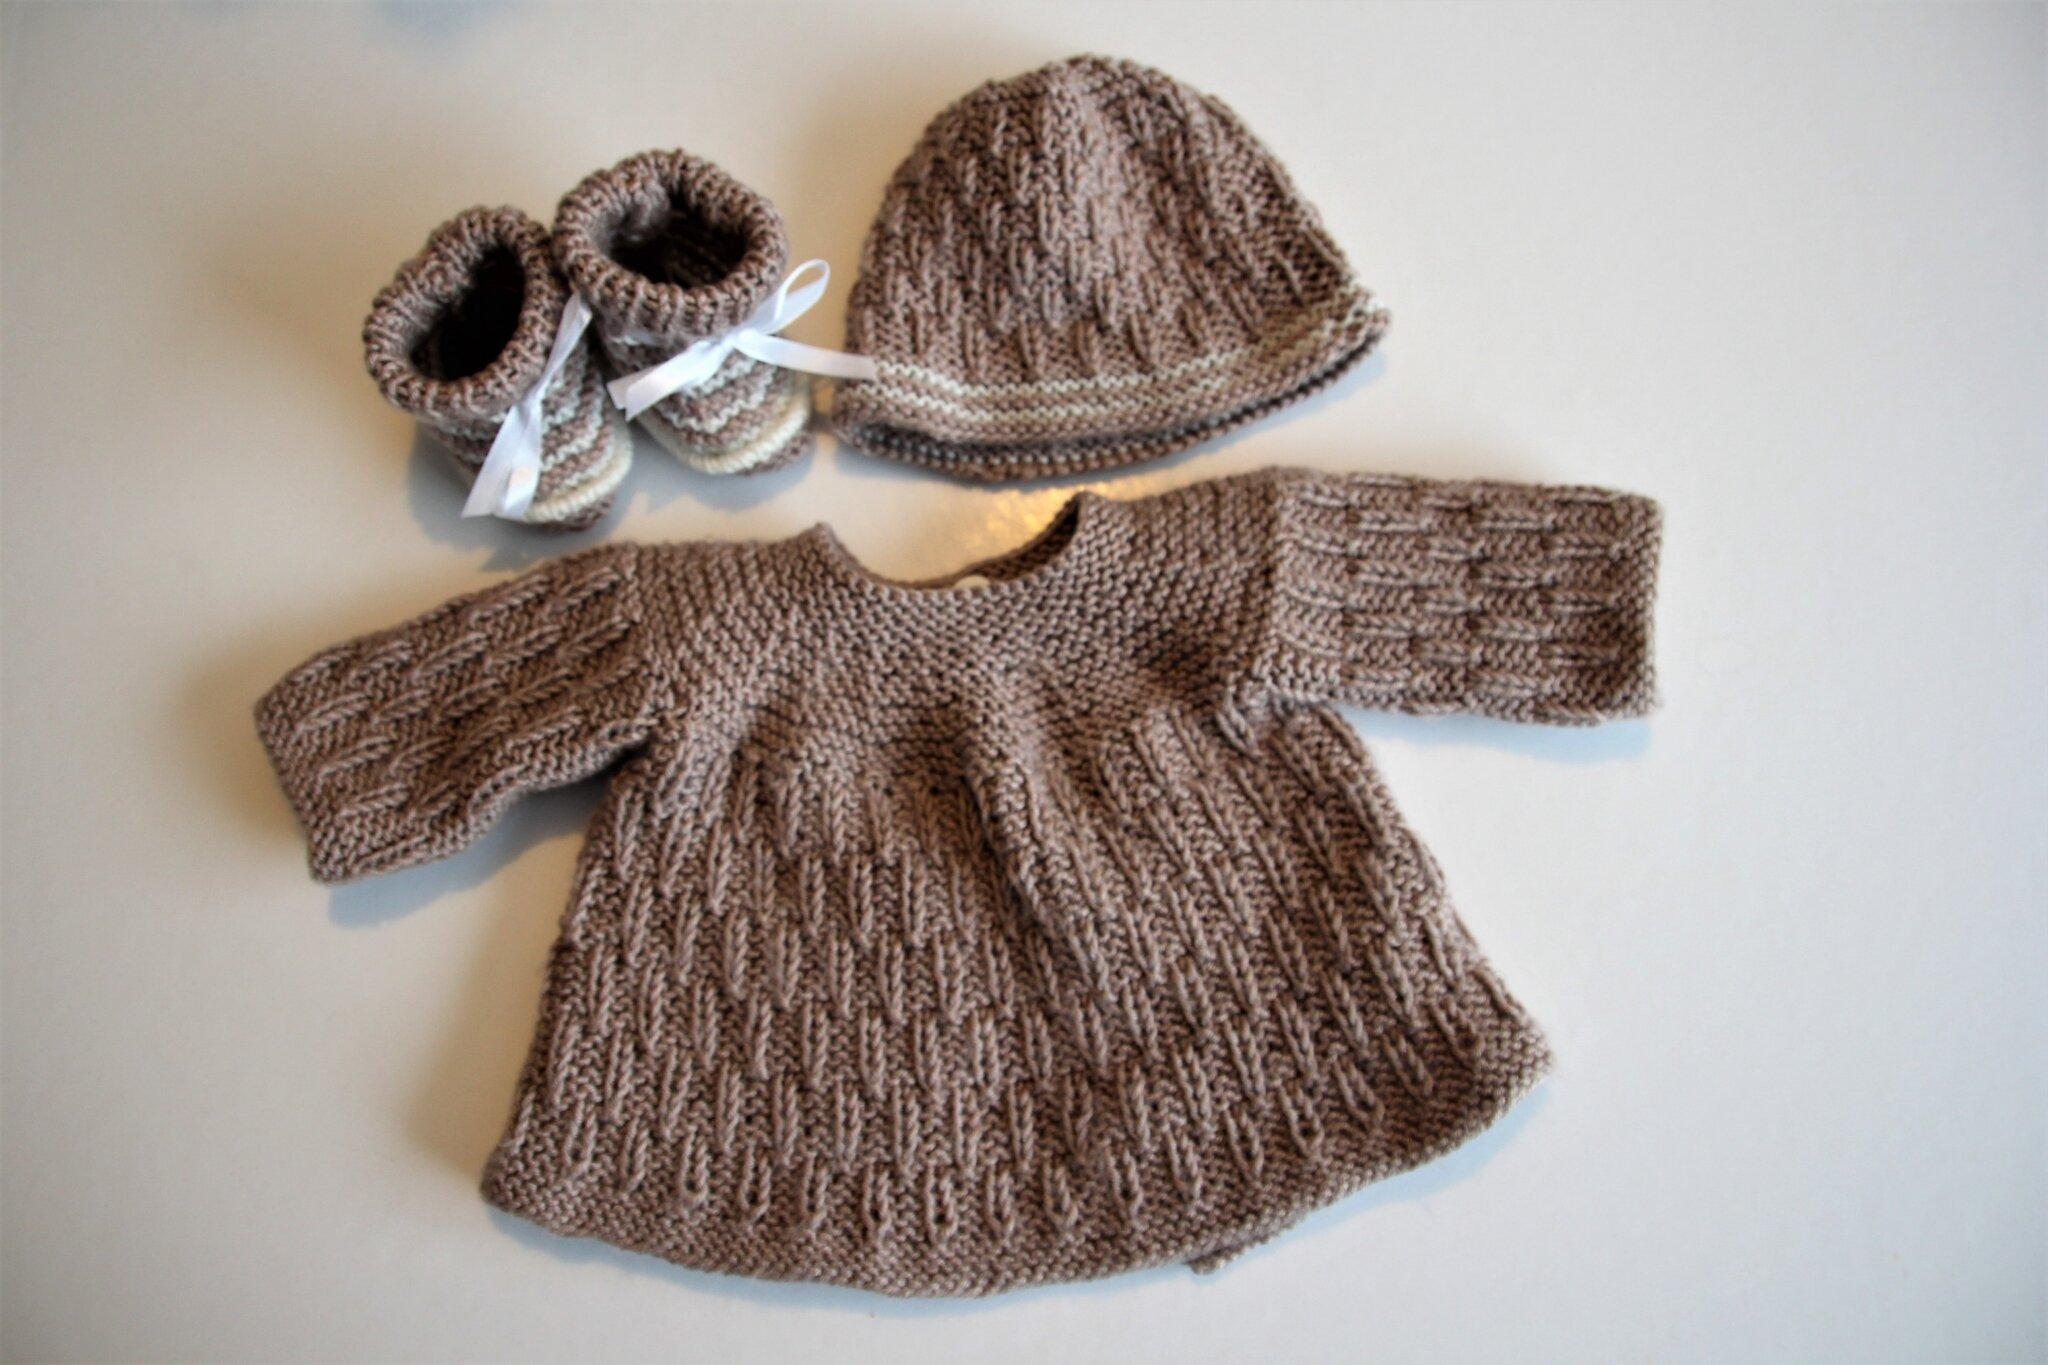 Petite nouveauté pour les bébés prématurés ou les poupées de 45 cm